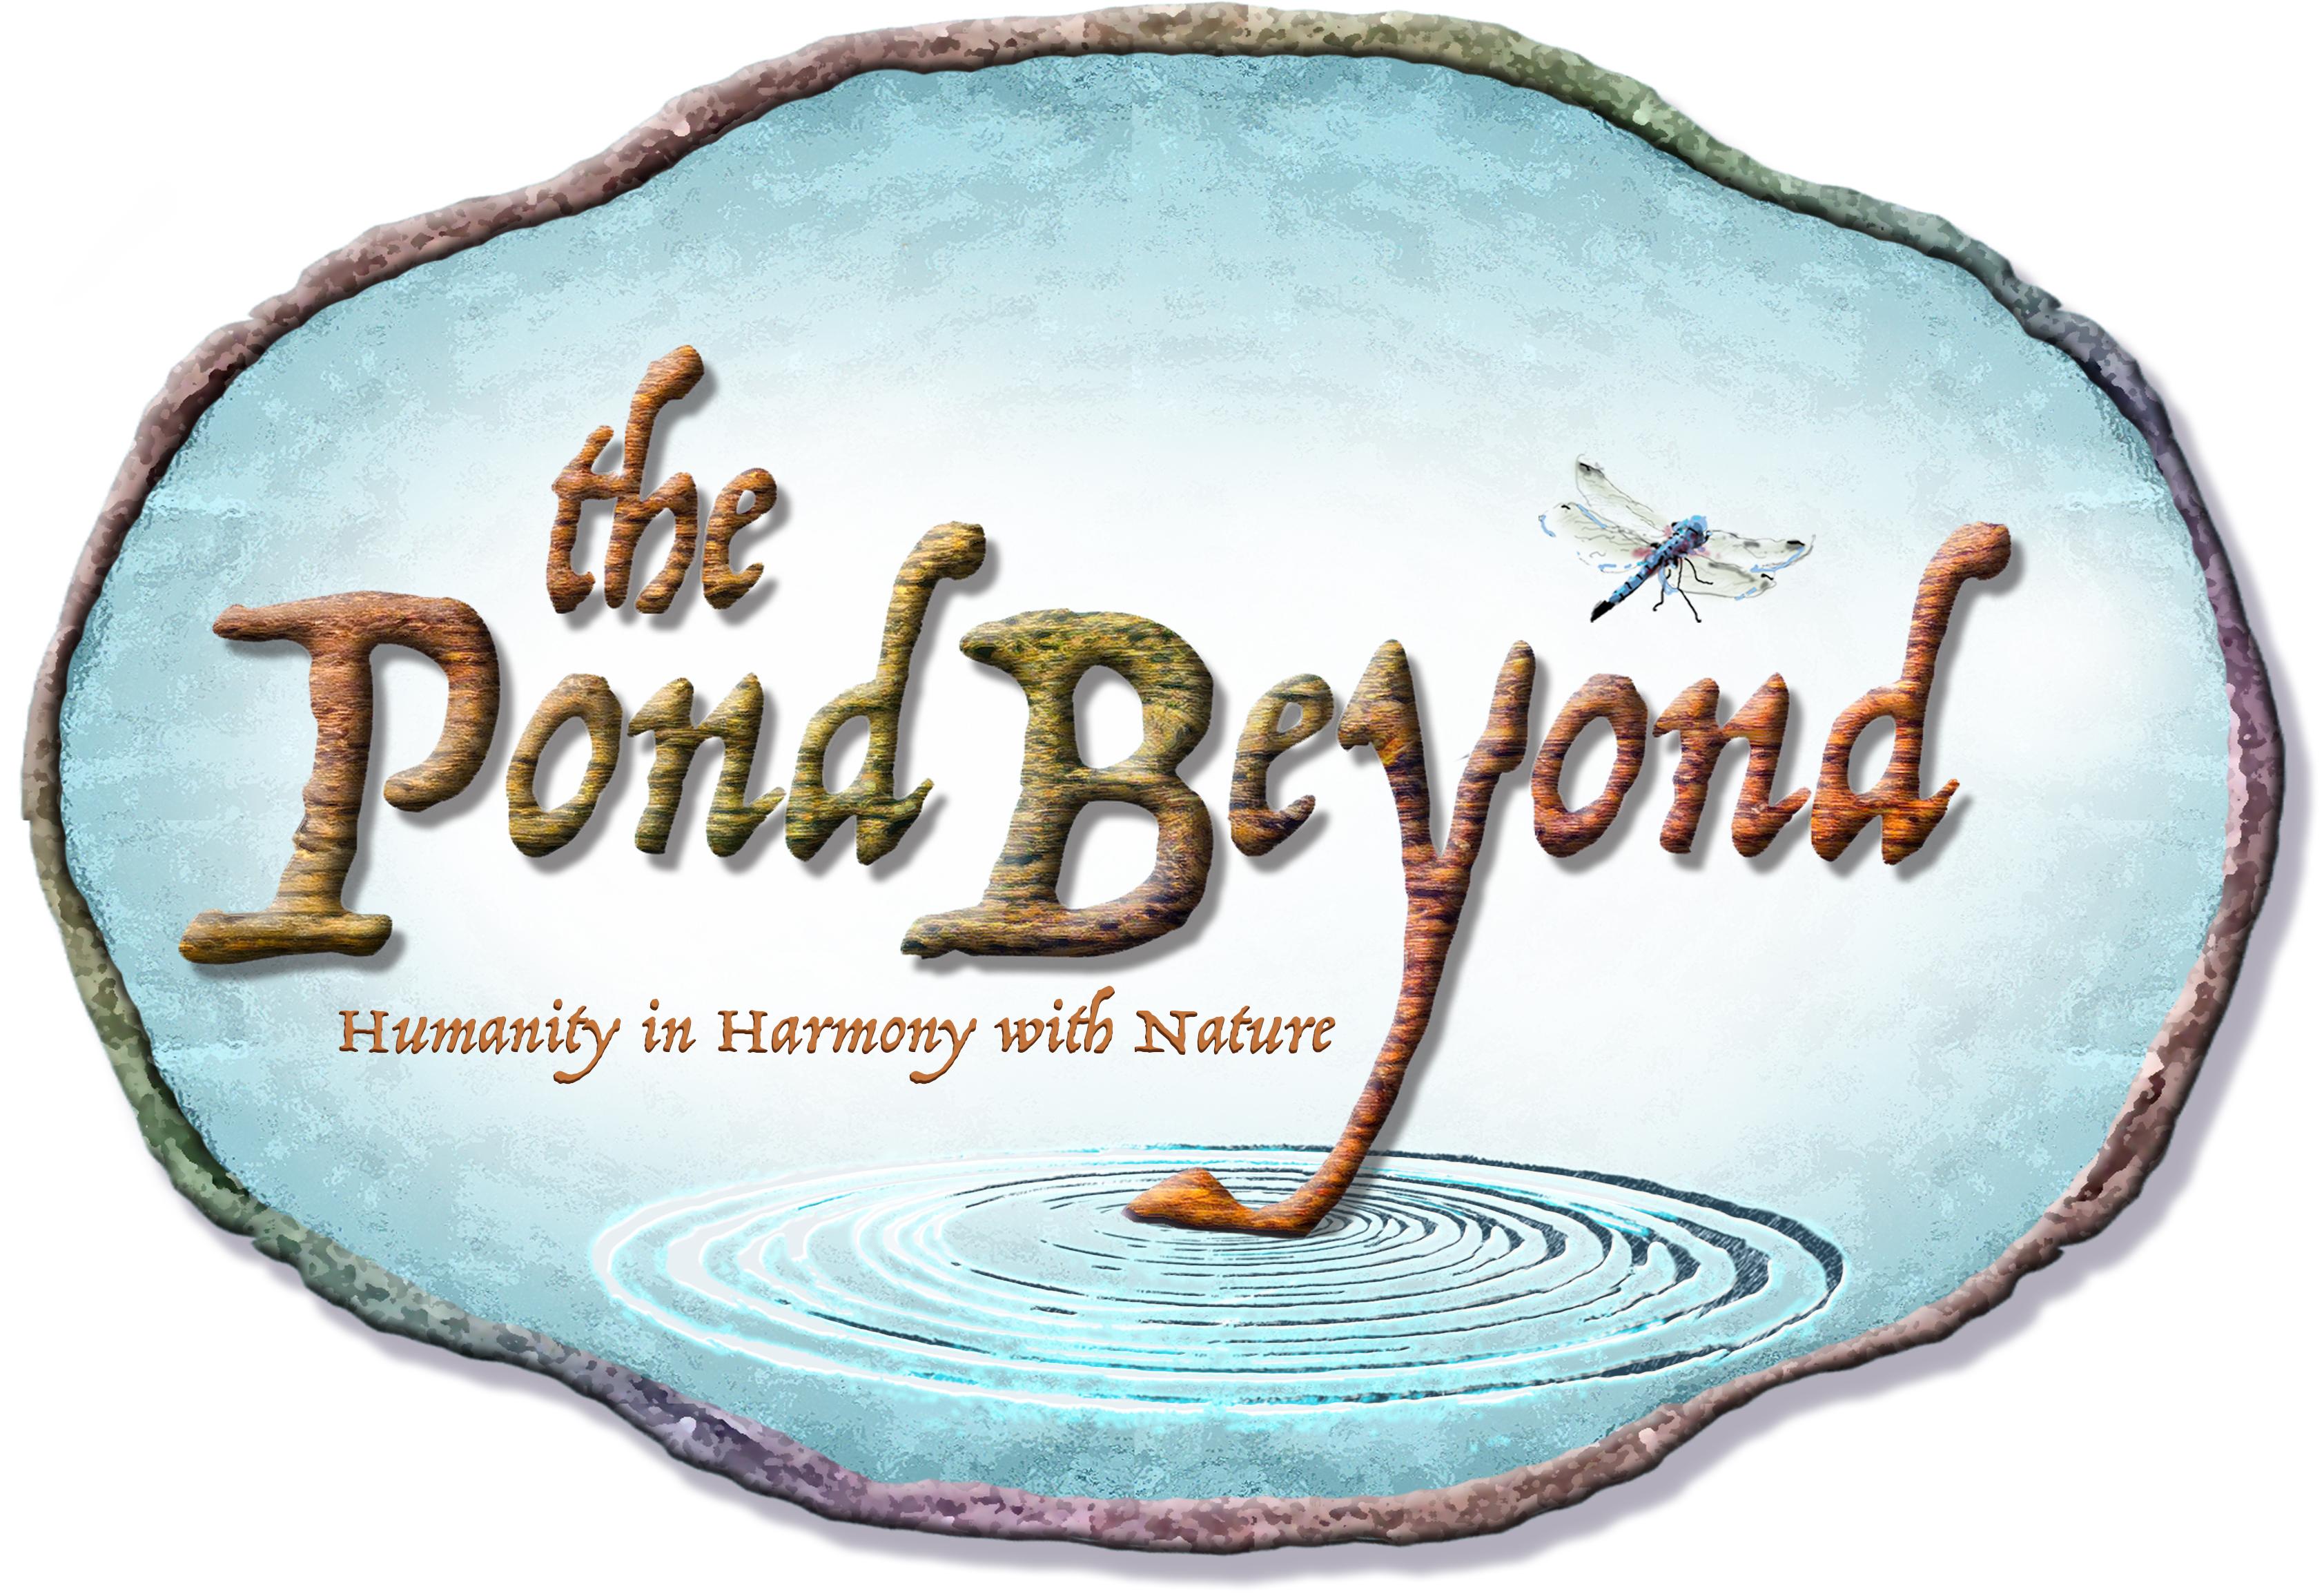 The Pond Beyond Privacy